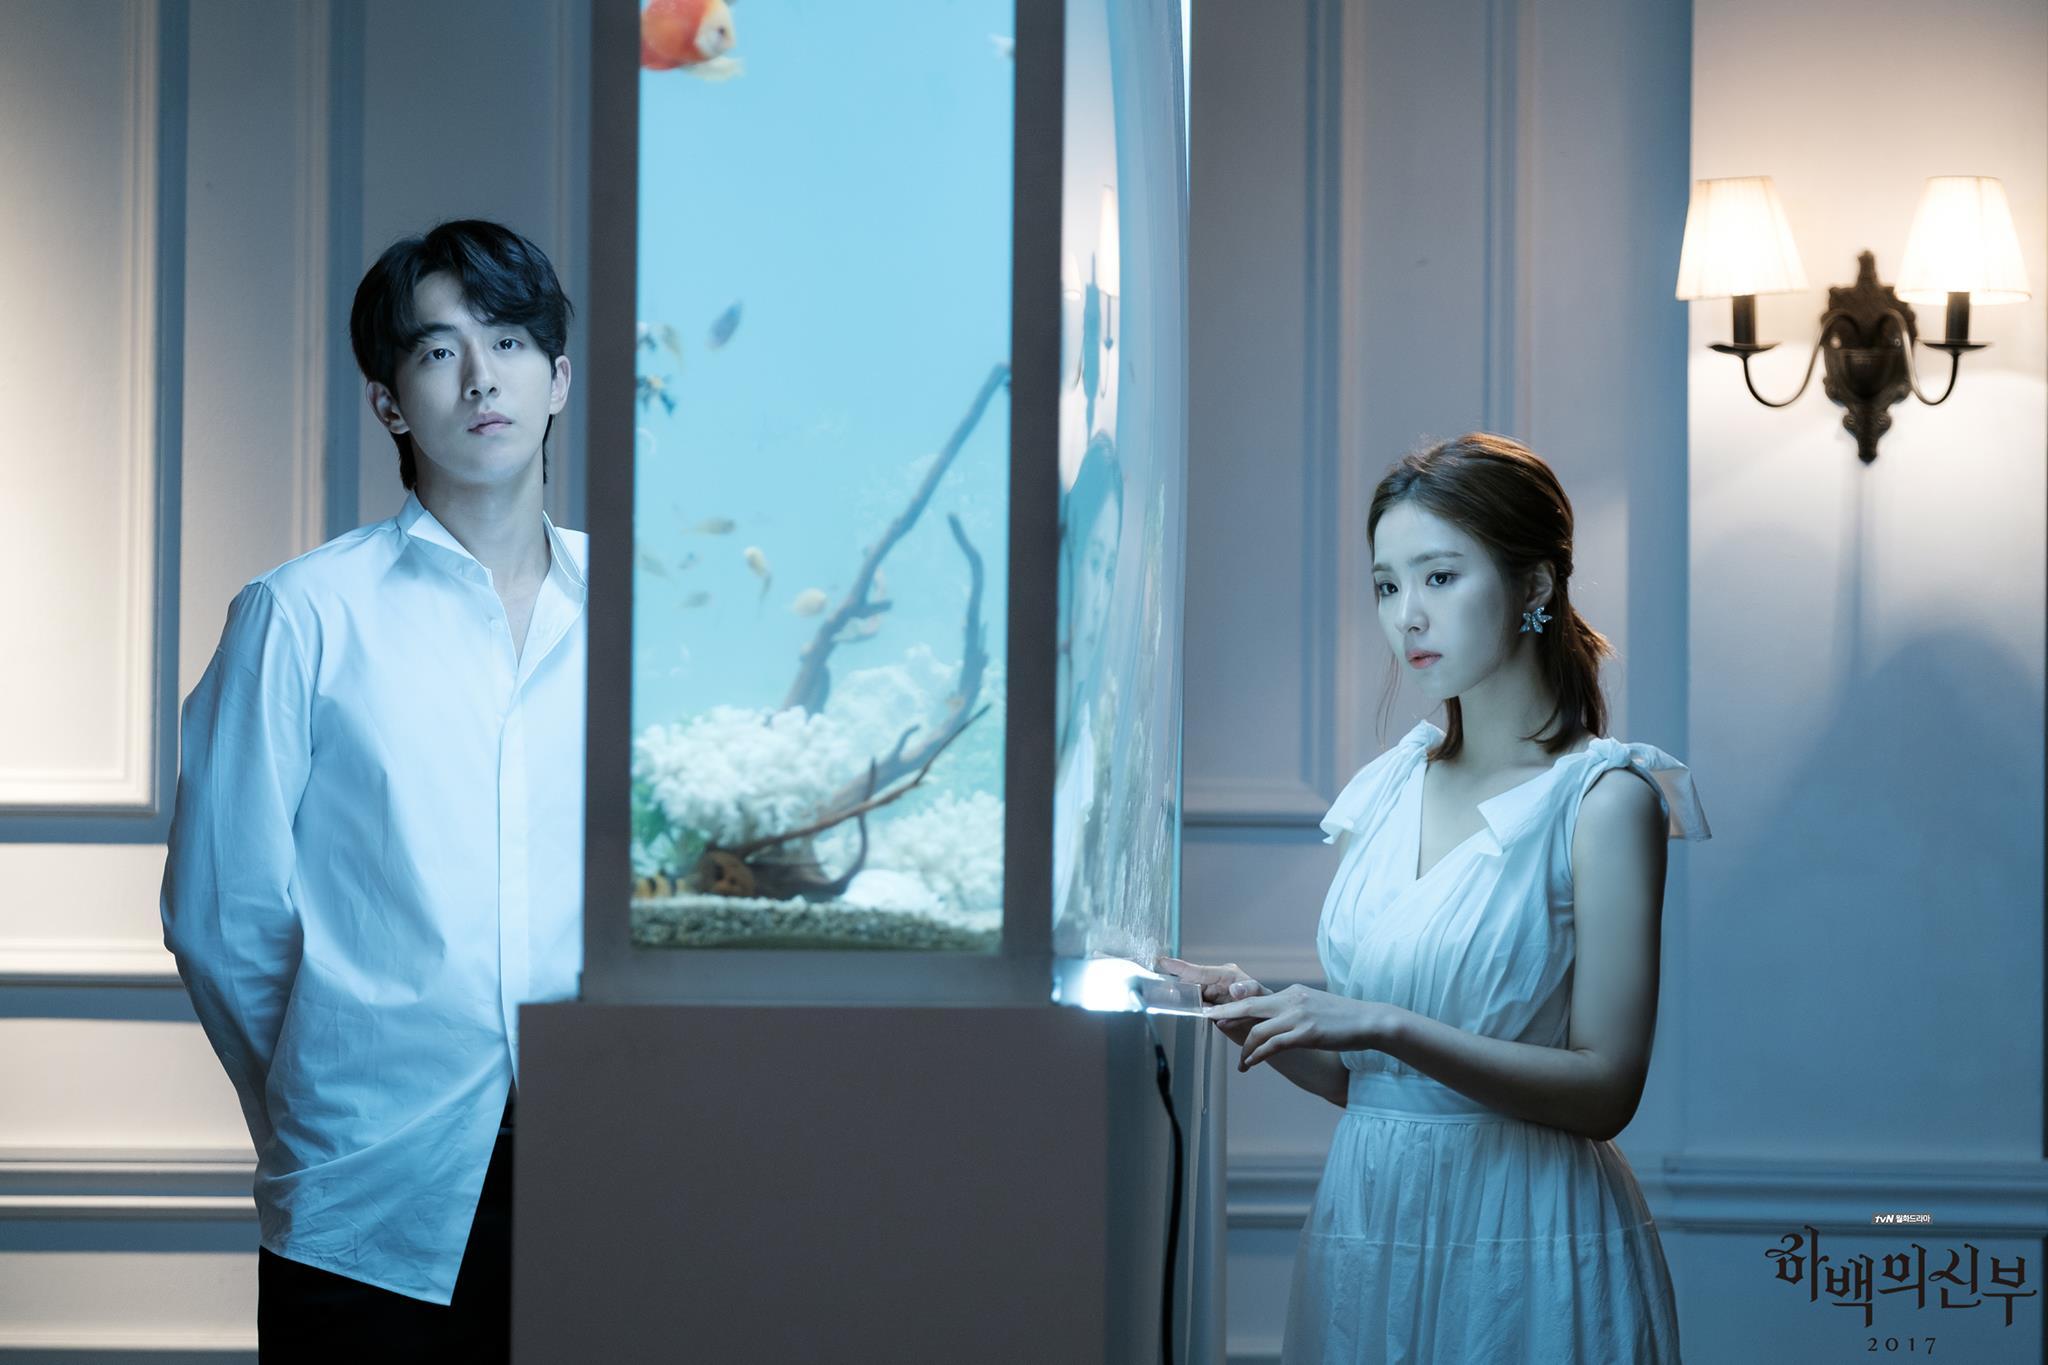 喜歡看韓劇的粉絲們應該都知道將在7月播出的《河伯的新娘》,劇組也釋出了許多劇照和預告,但上次釋出的預告南柱赫長髮古裝造型讓許多粉絲直呼不能接受呀....